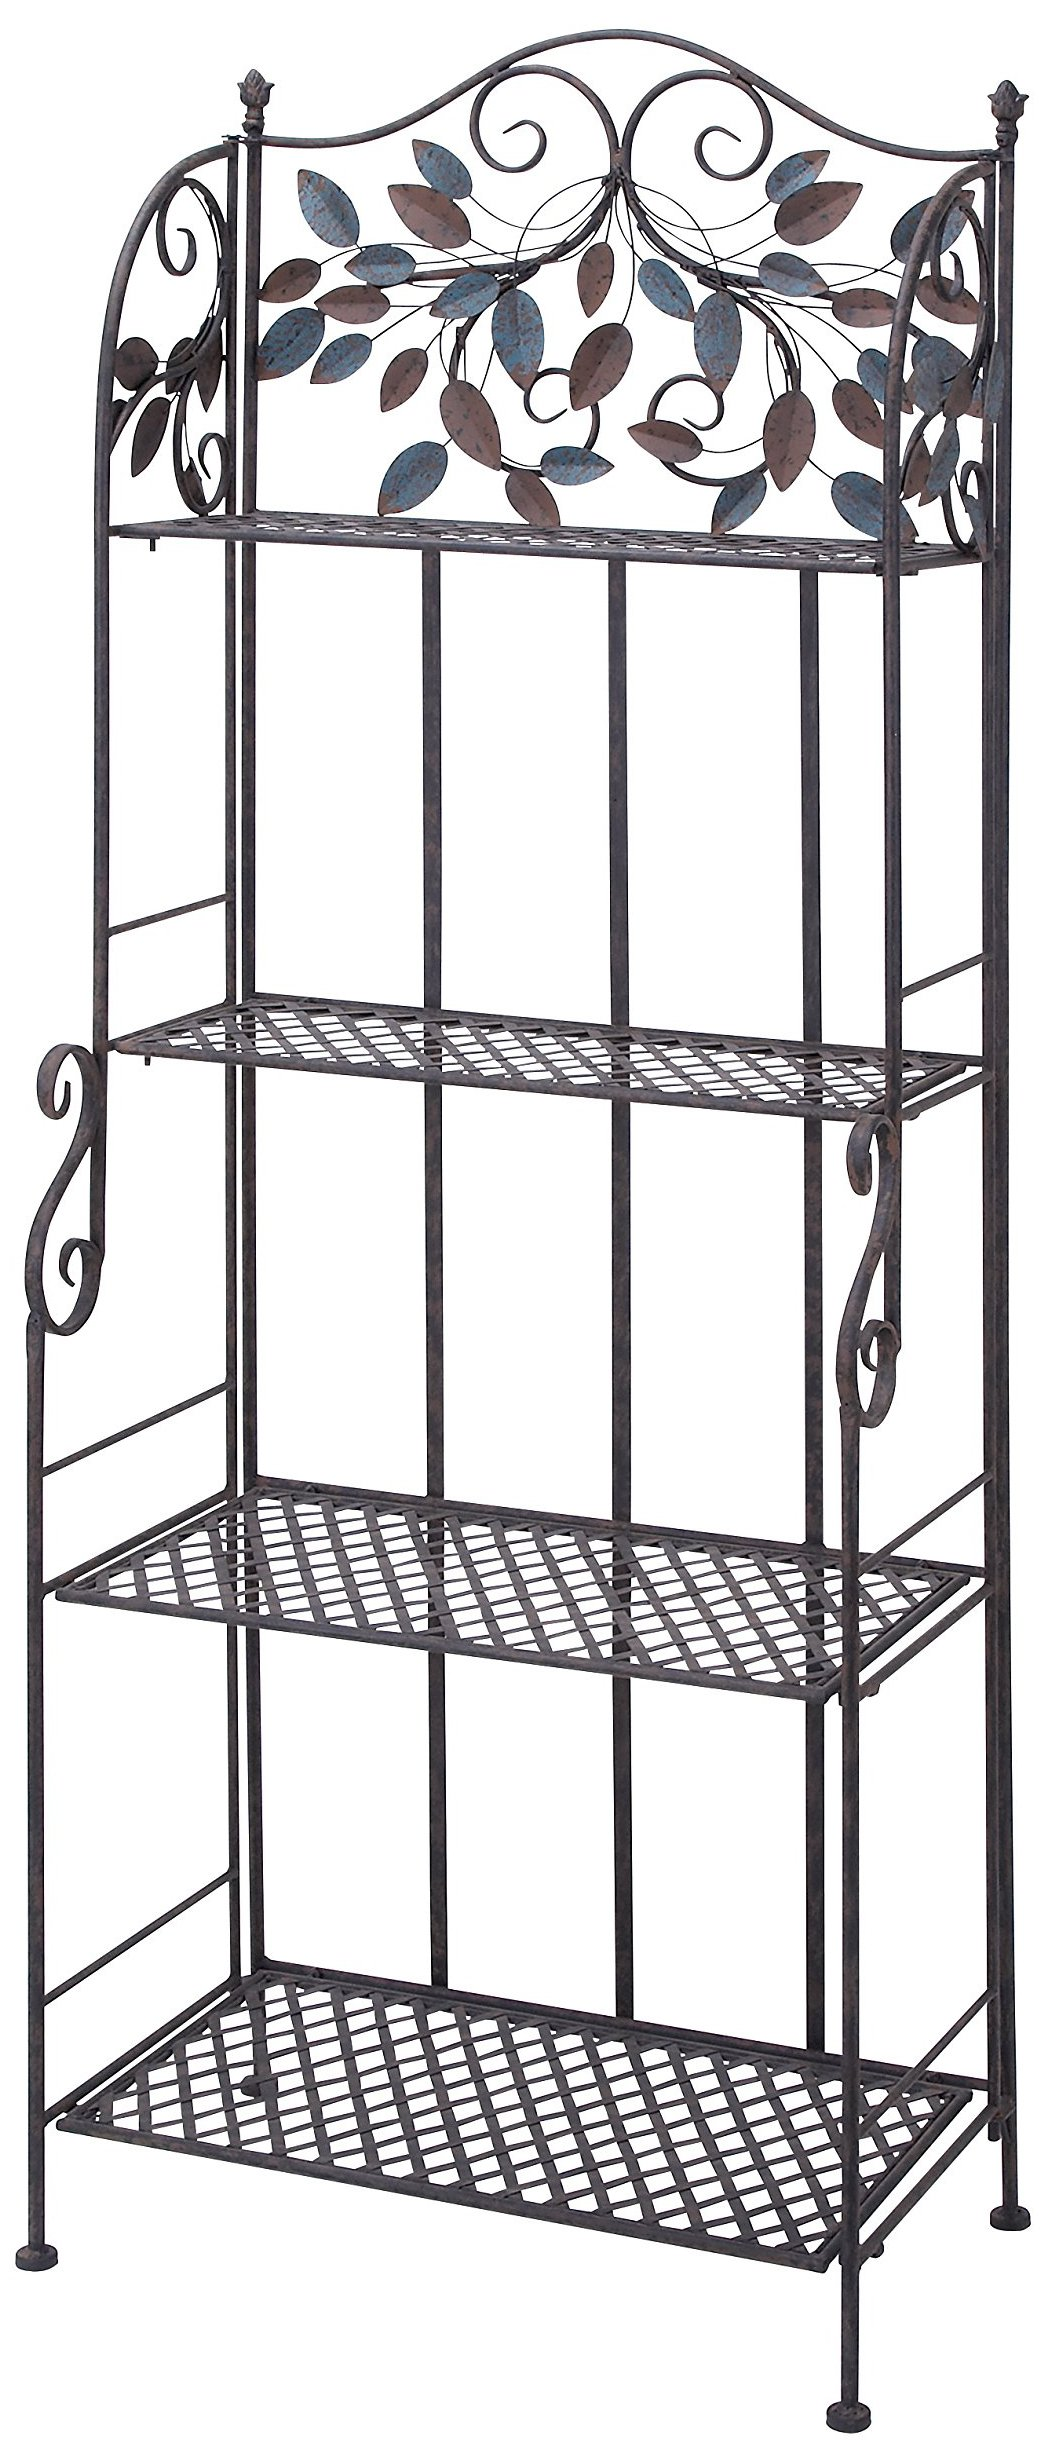 Deco 79 Metal Baker Rack, 68 by 26-Inch